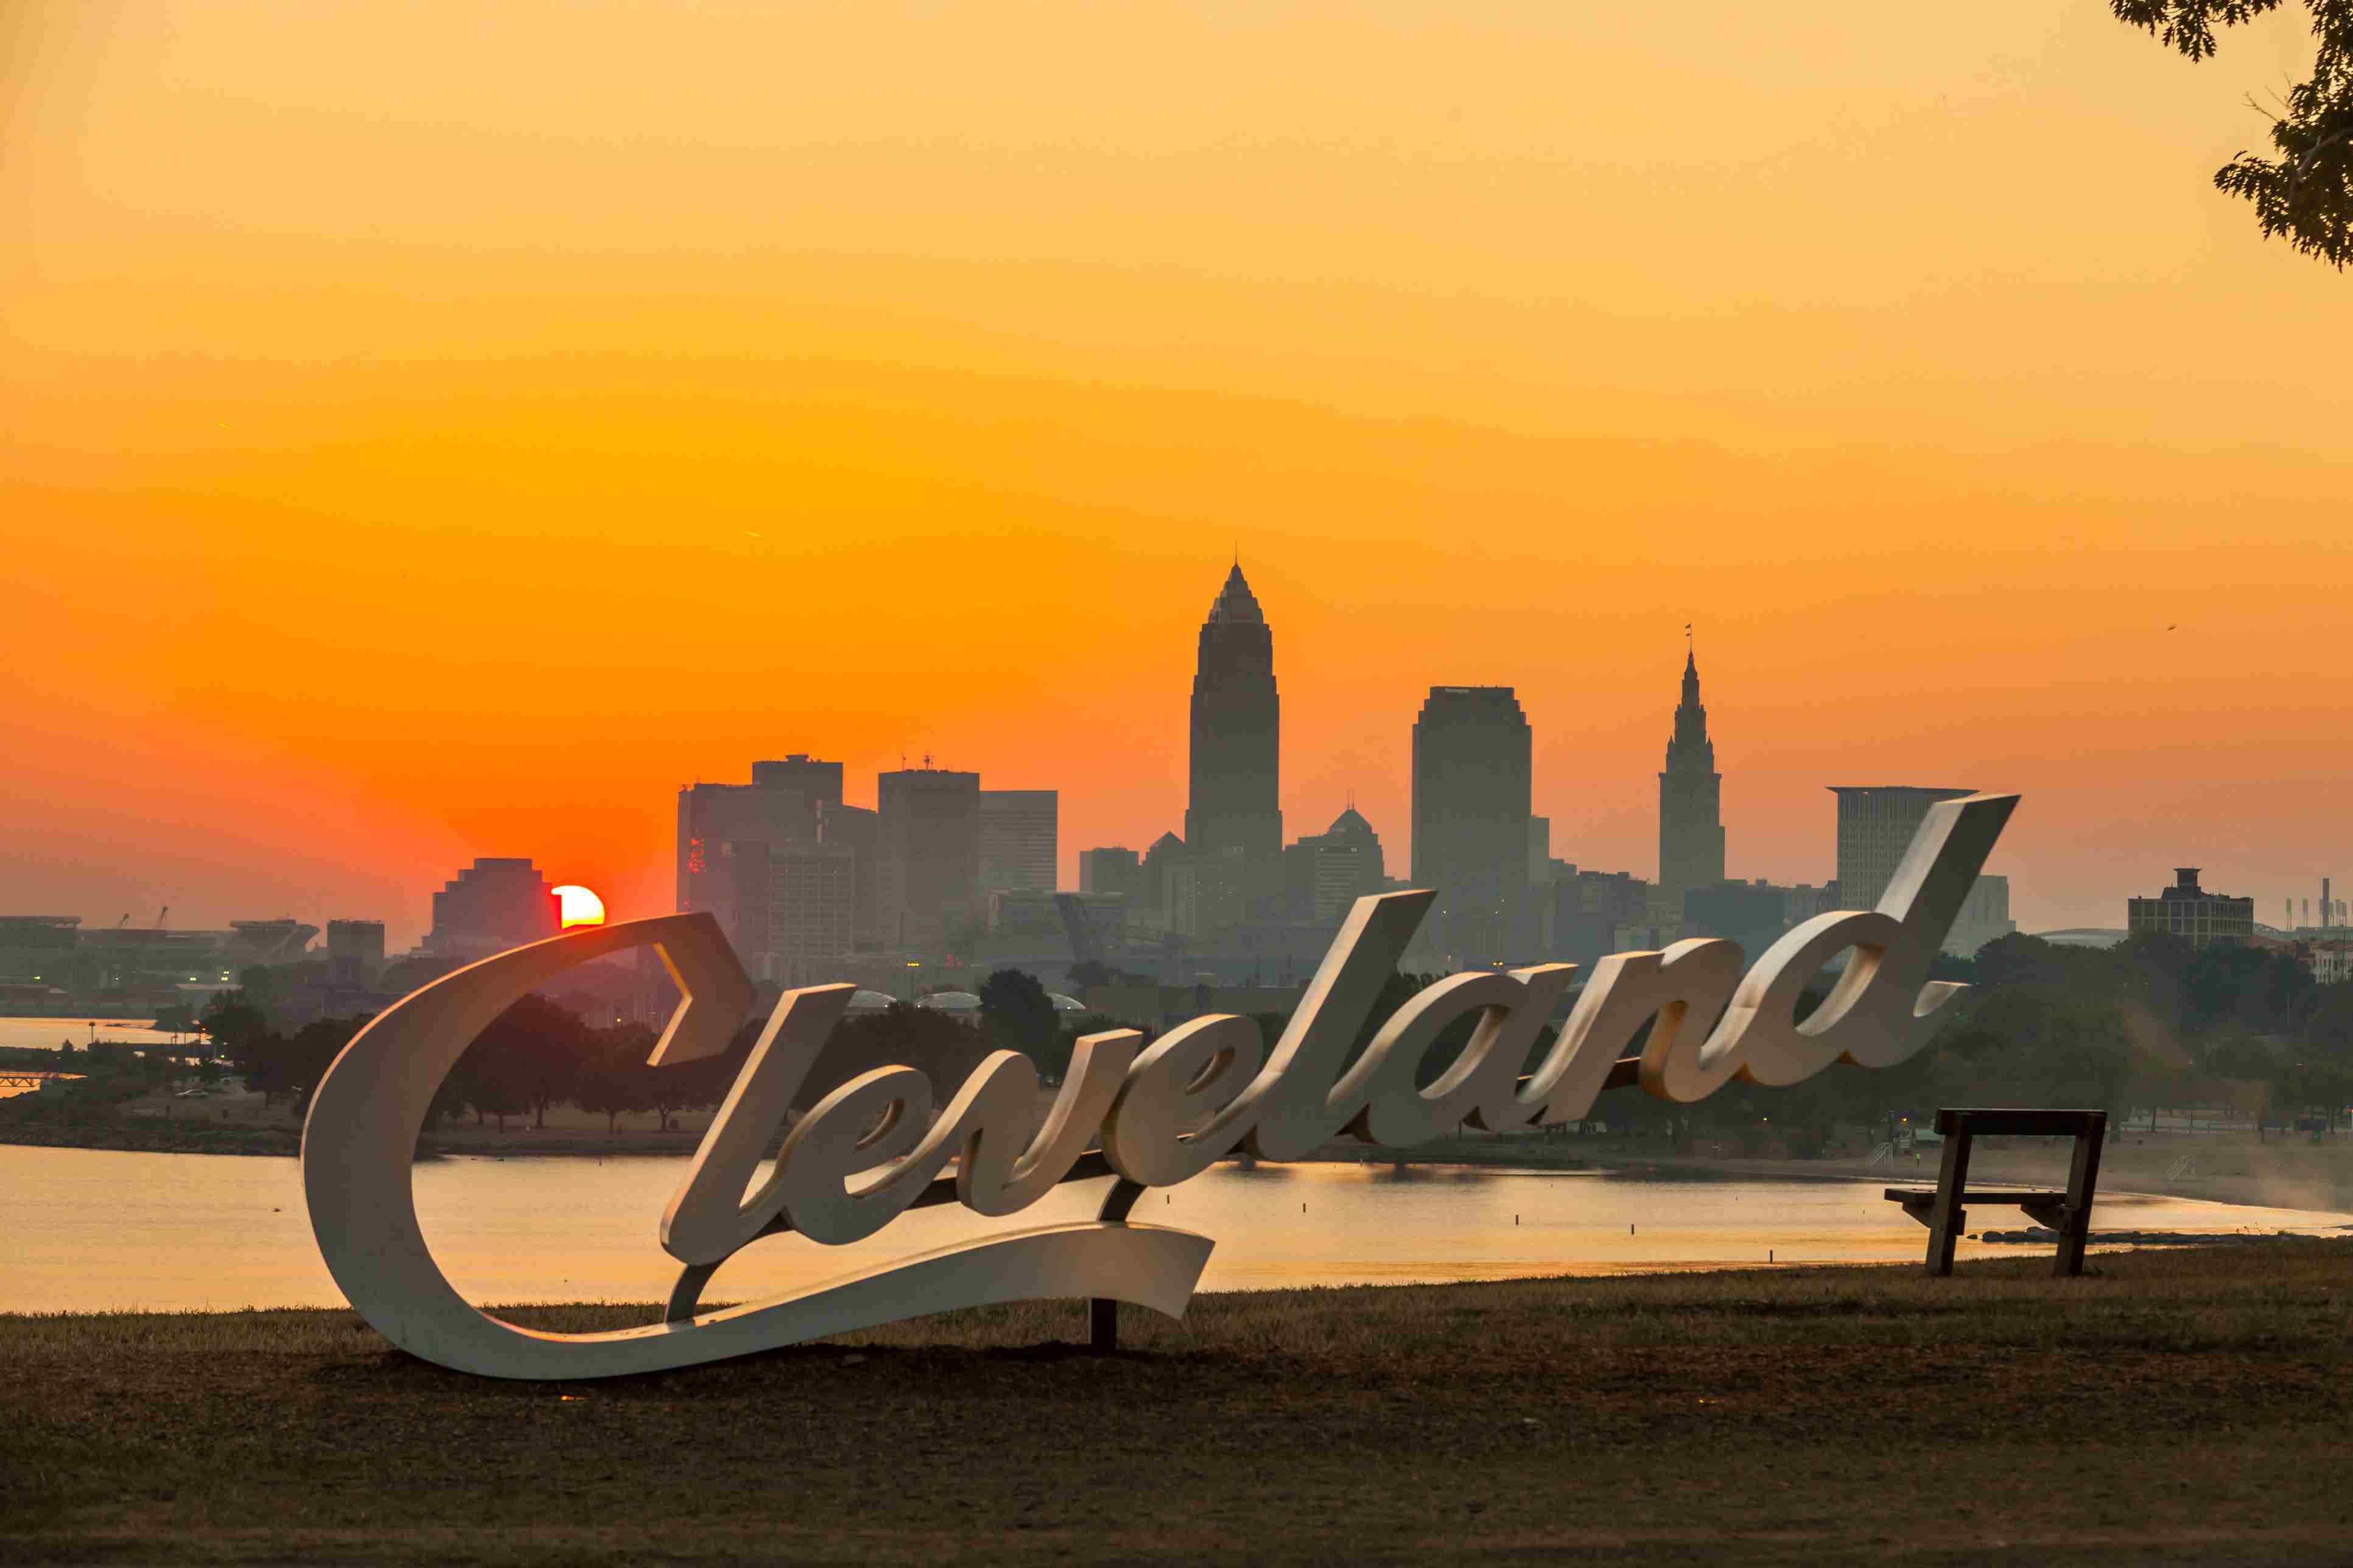 USA, Ohio, Cleveland skyline from Edgewater Park at sunrise